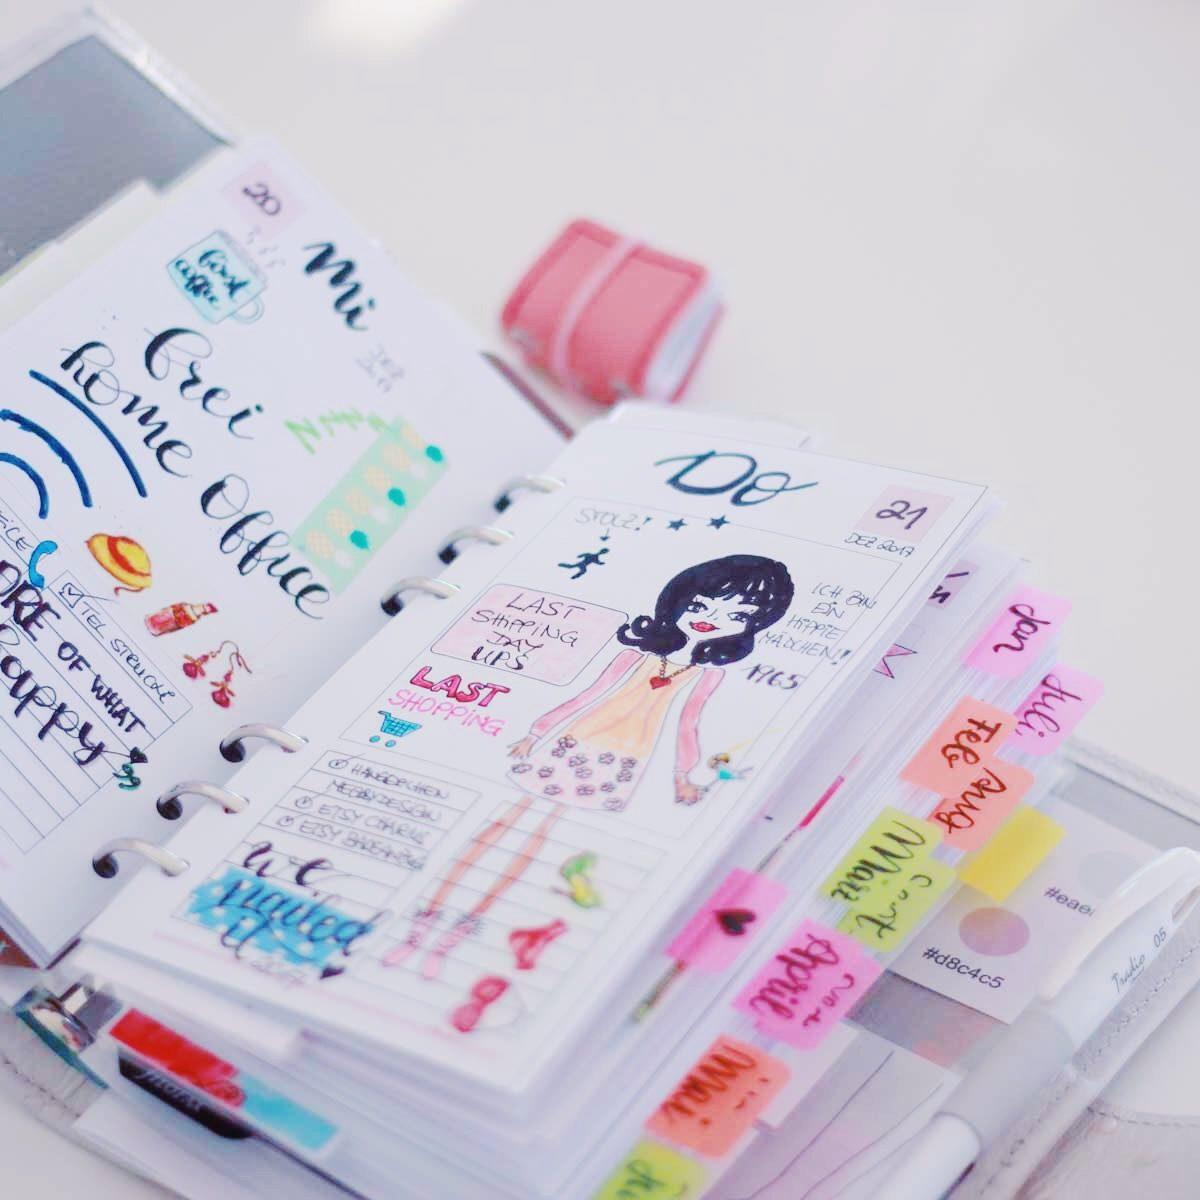 planning dailys dekoriert